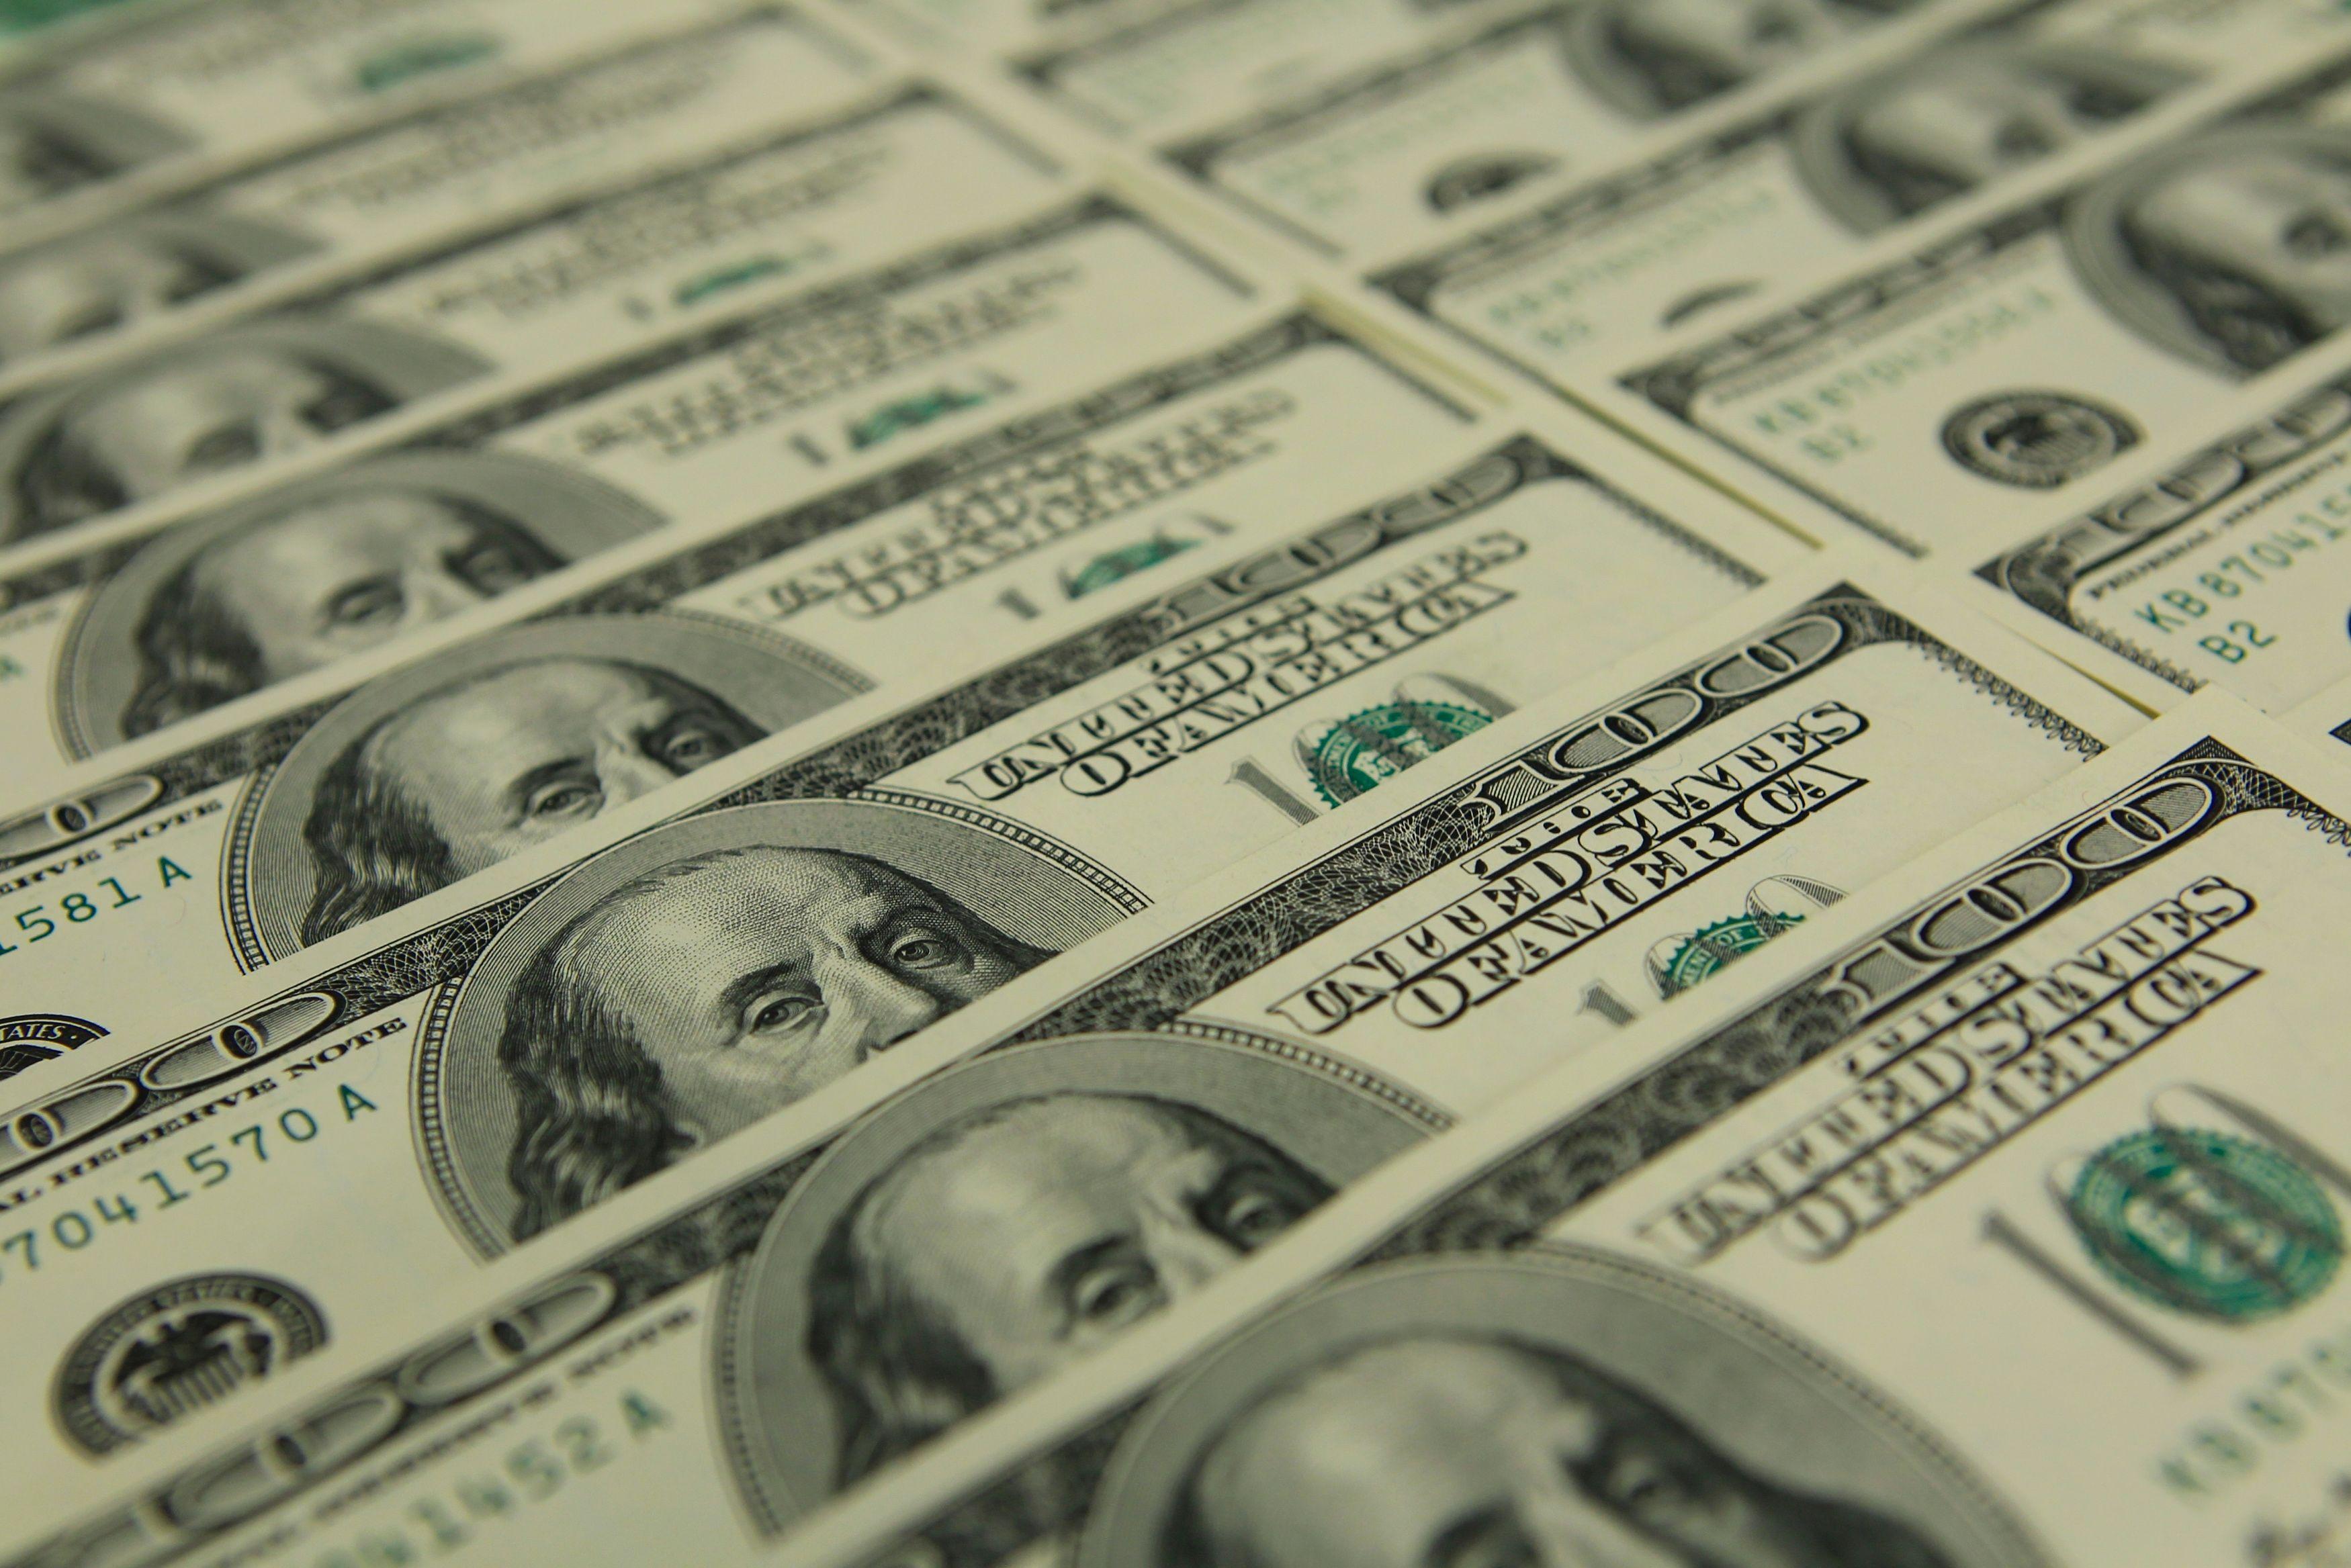 Comment réguler l'argent qui transite hors des circuits officiels ?